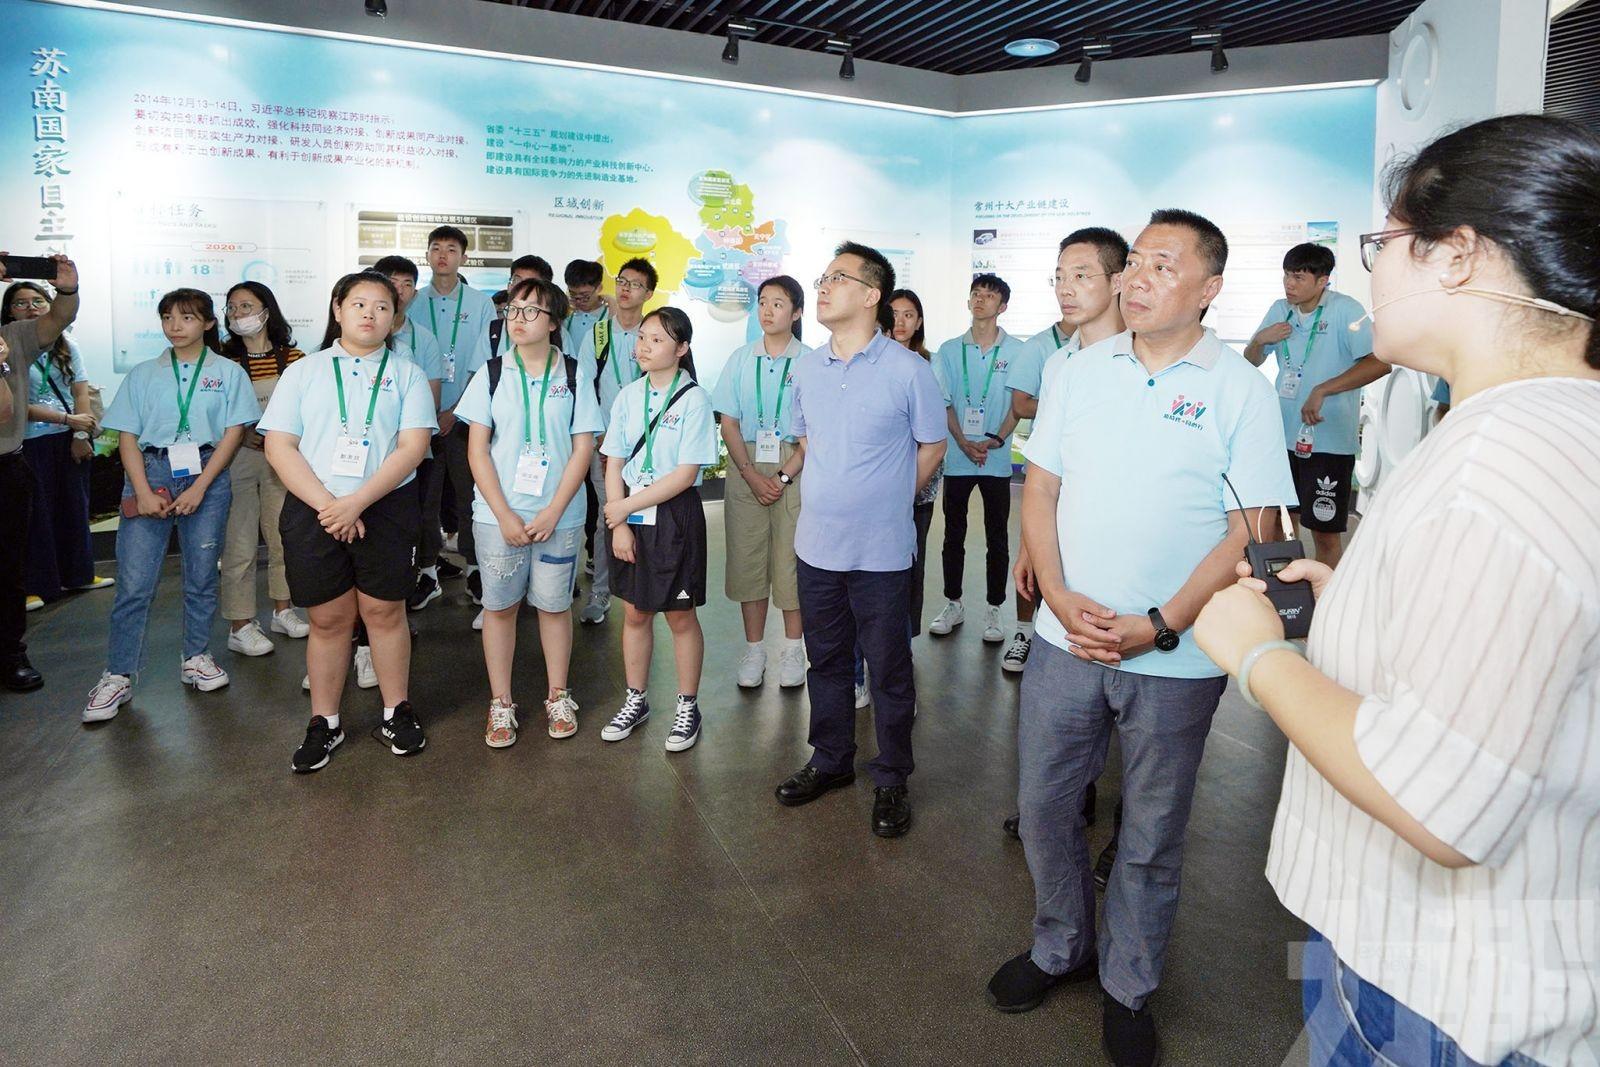 江蘇團參訪儀征、揚州、常州